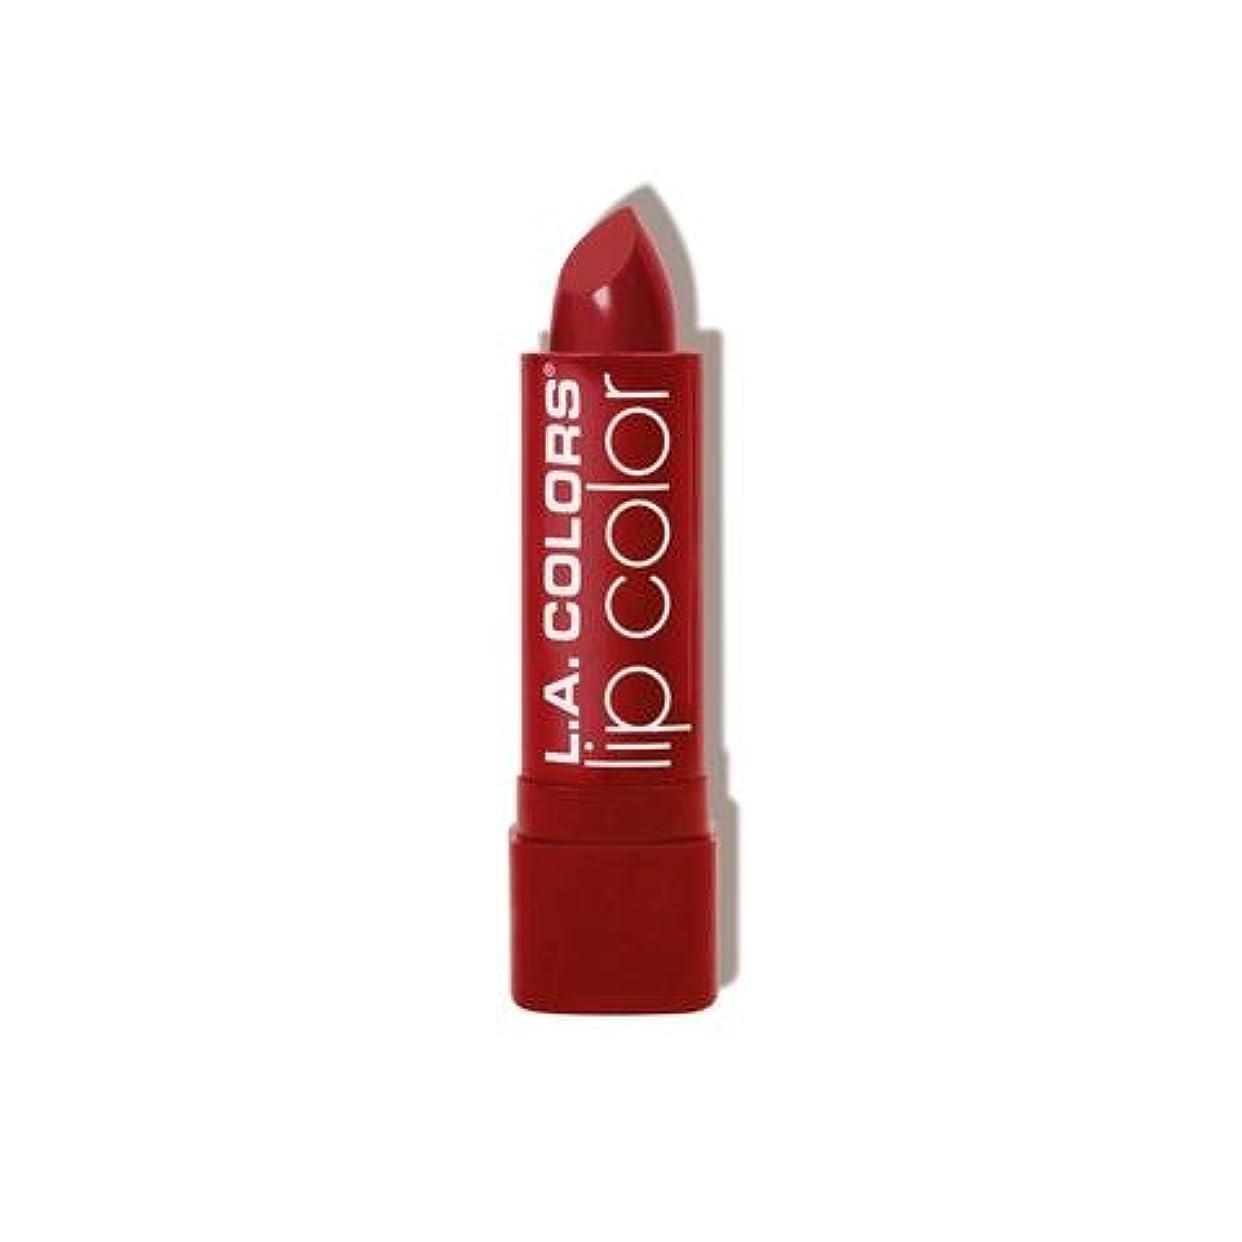 パドルシーズンステレオ(3 Pack) L.A. COLORS Moisture Rich Lip Color - Berry Red (並行輸入品)